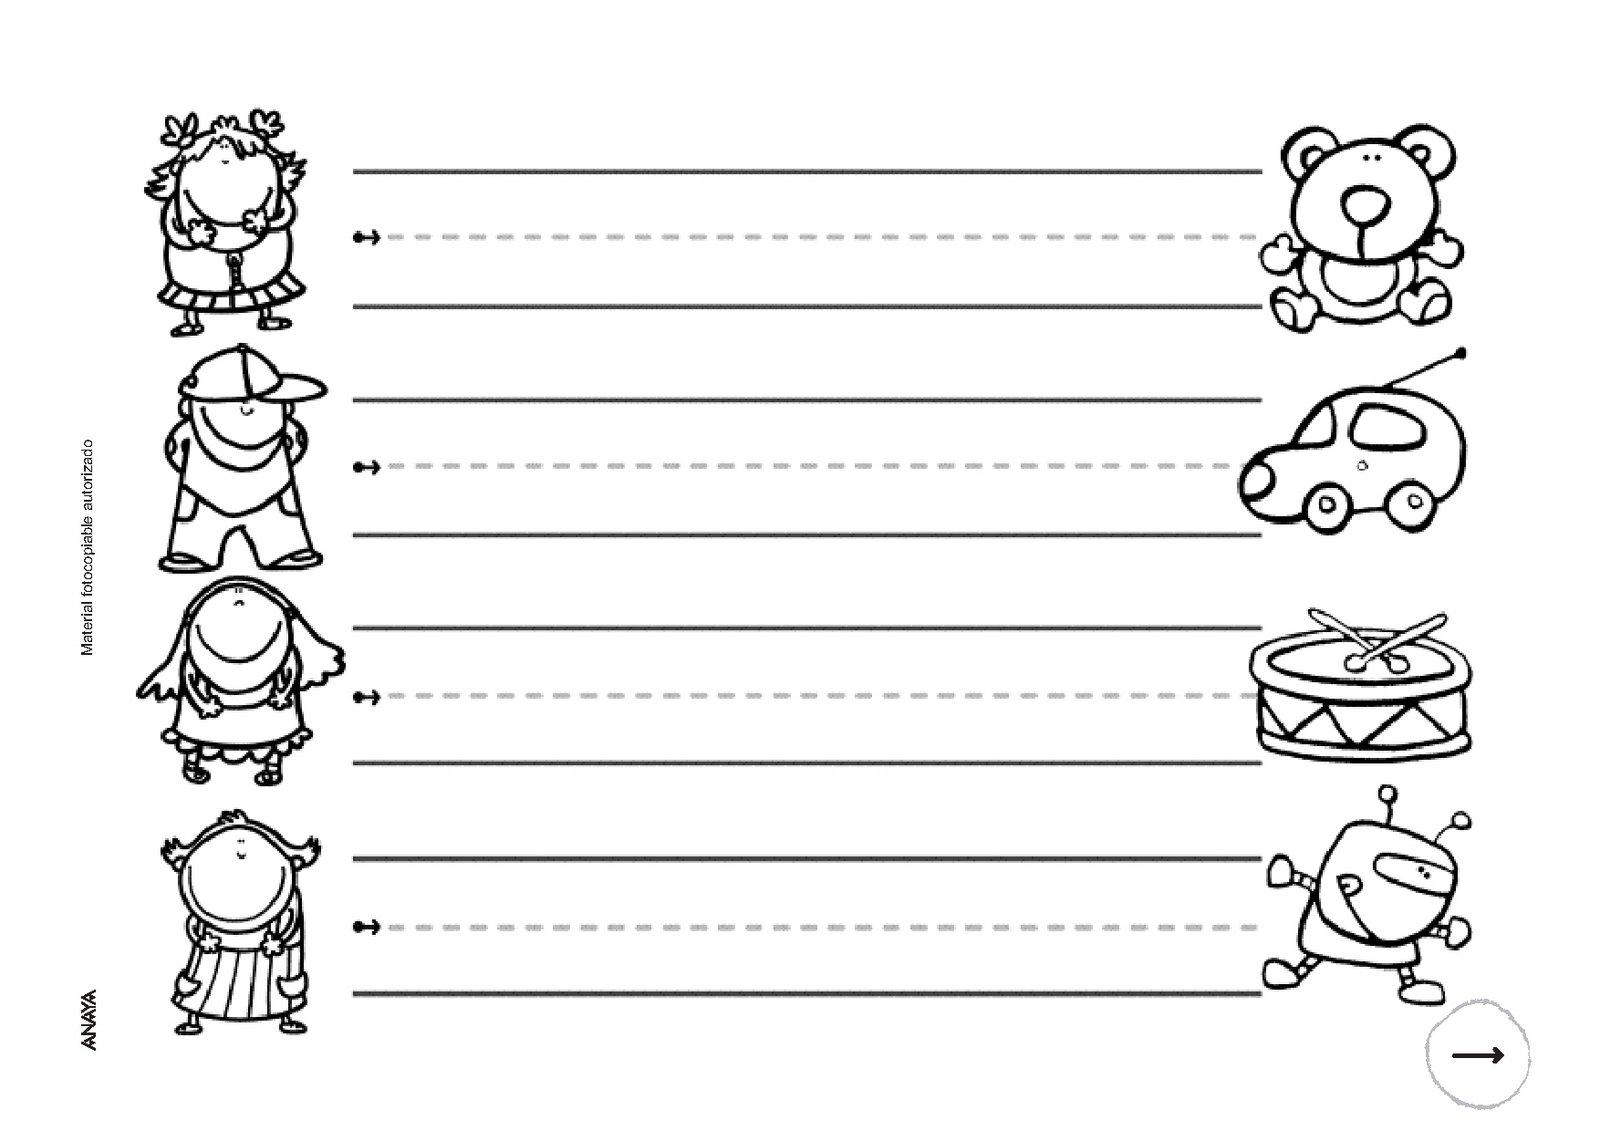 Infantilglori fichas repaso 3 a os for Actividades pedagogicas para ninos de 2 a 3 anos